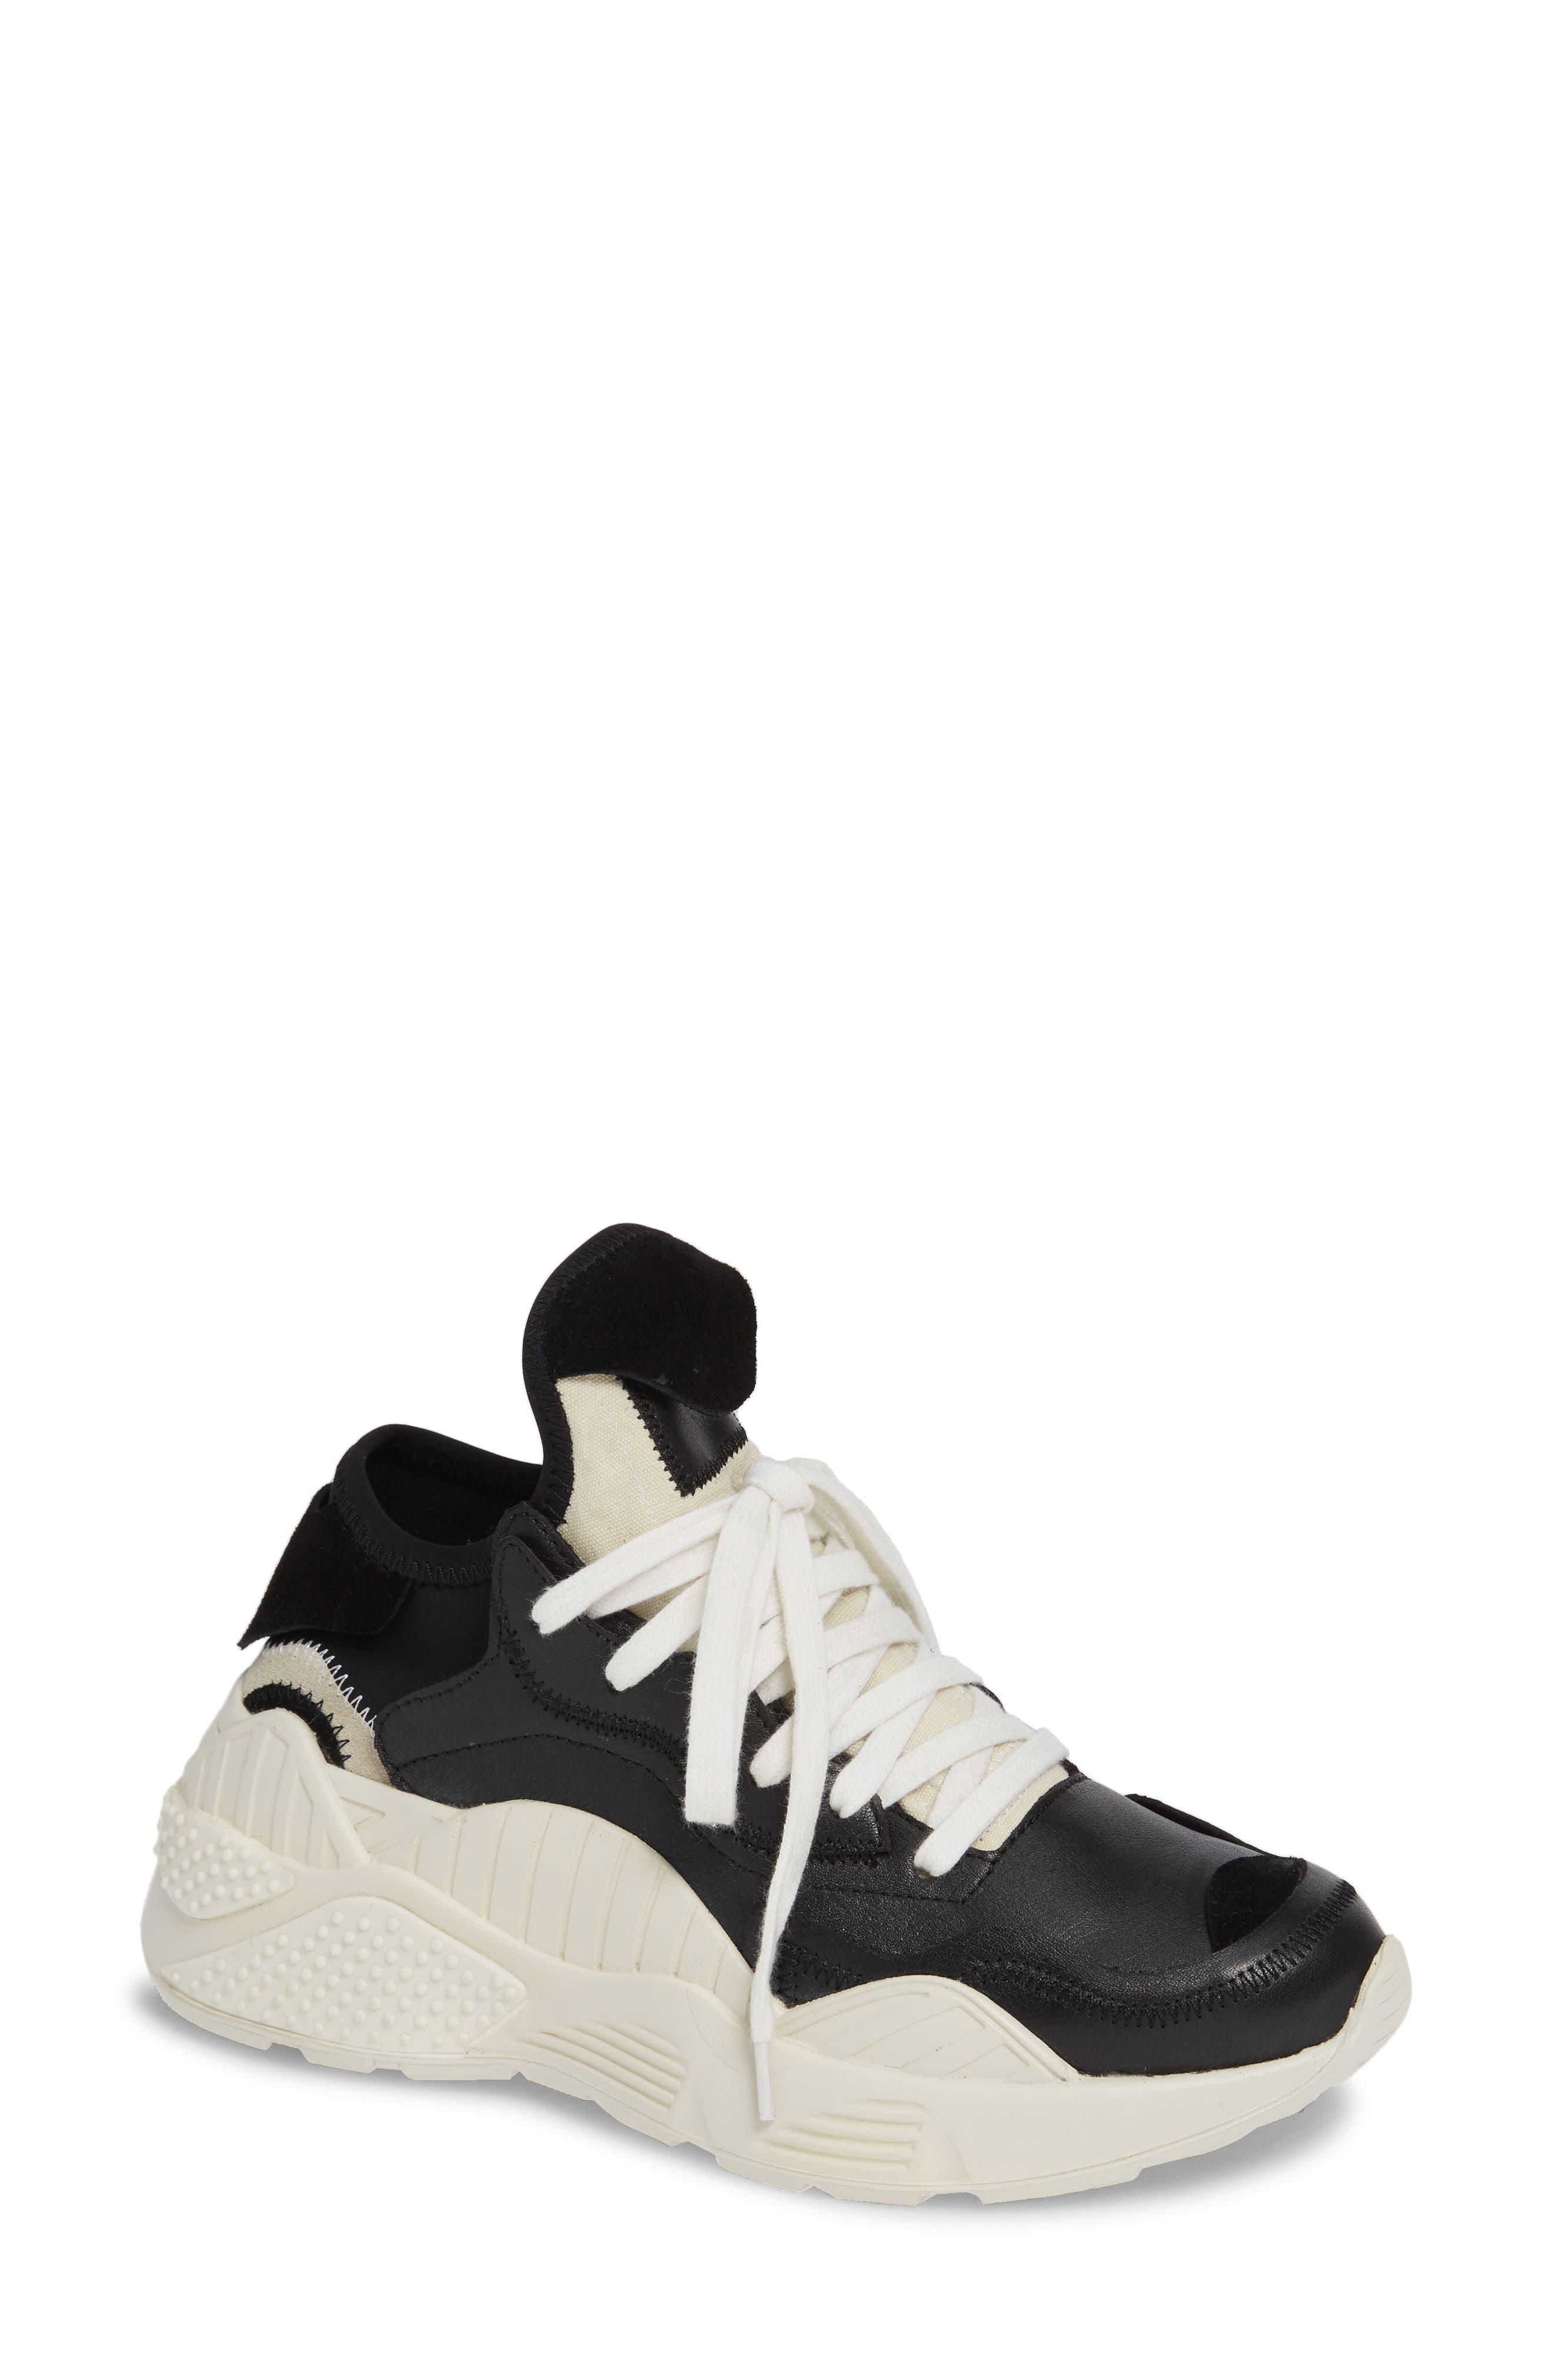 Jpeg Wedge Sneaker in Black Multi